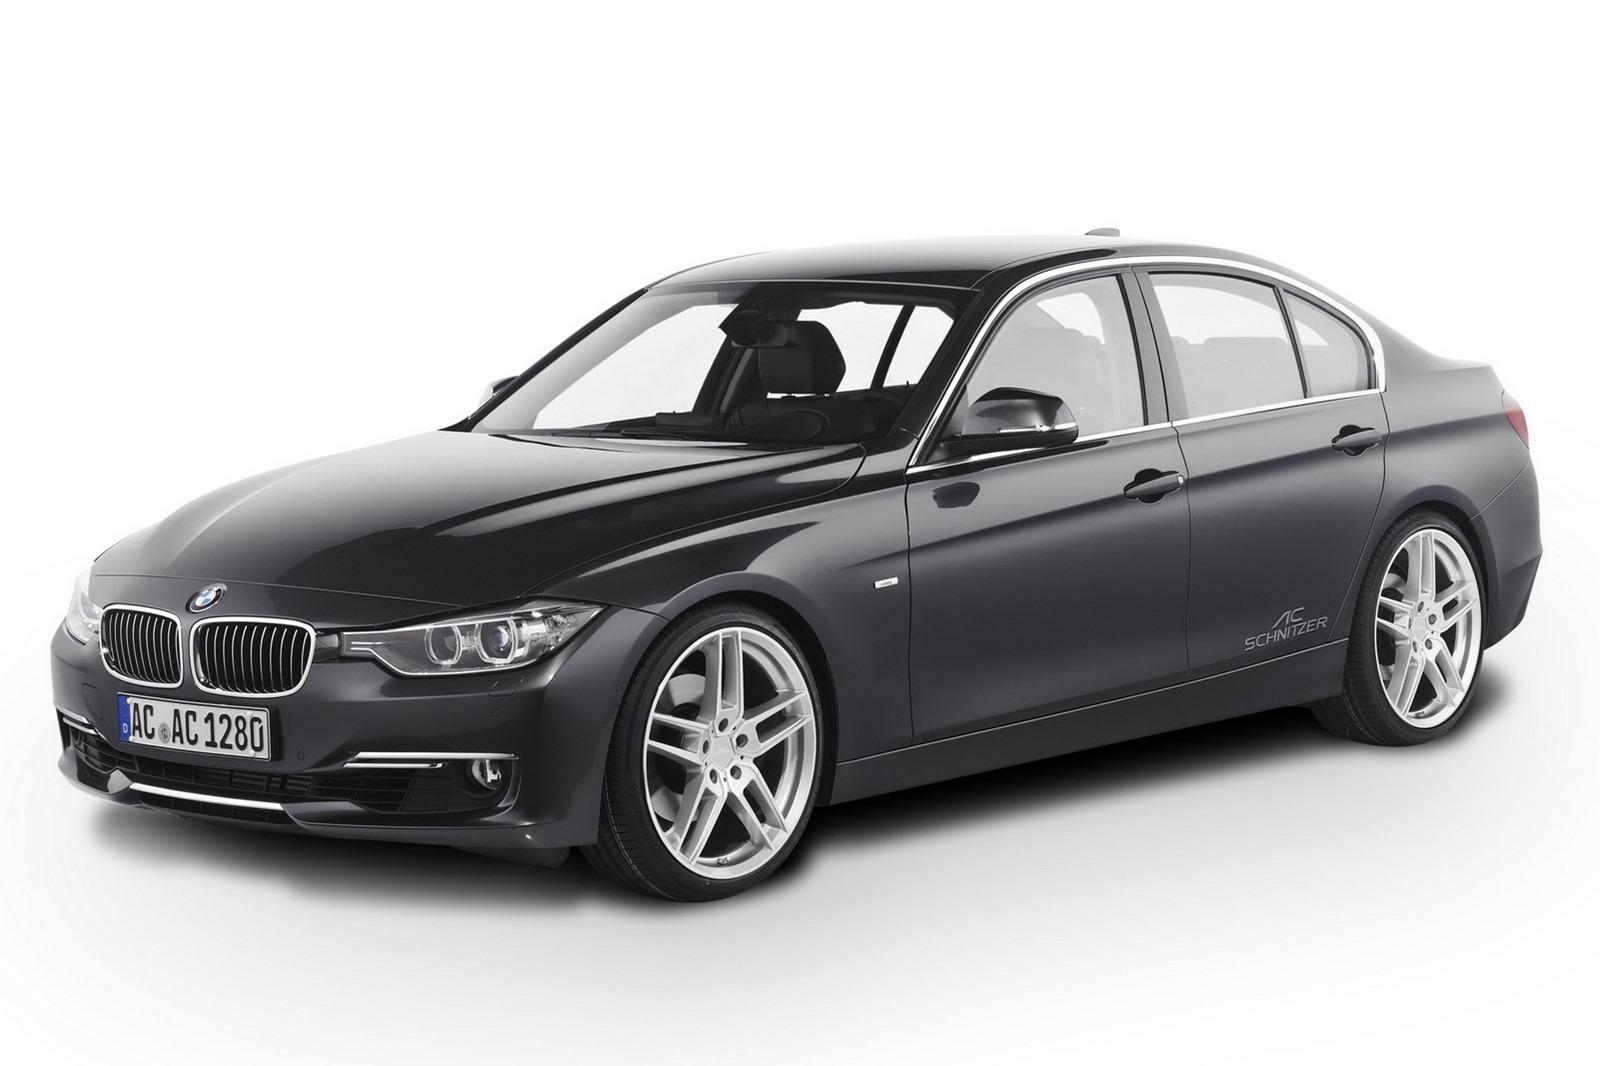 BMW F30 320 Xdrive  повышение класса мощности, прошивка 320 в 328 (245л.с.)